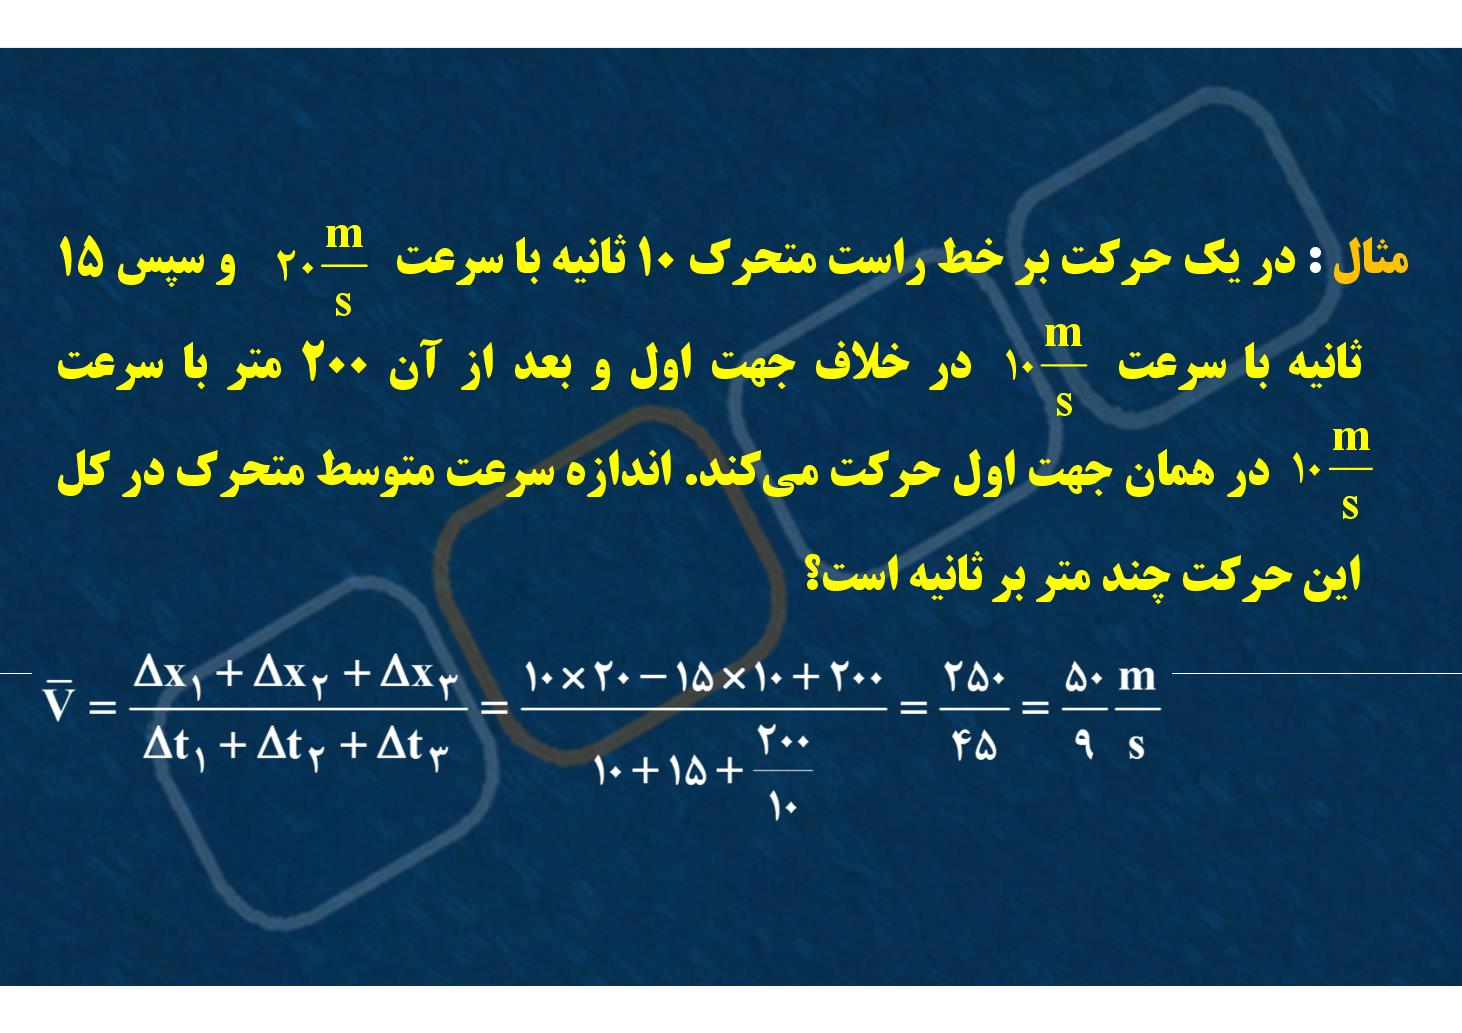 فیزیک٢- فصل ٢- توالی چند حرکت یکنواخت روی خط راست- بخش ٣ (PDF)